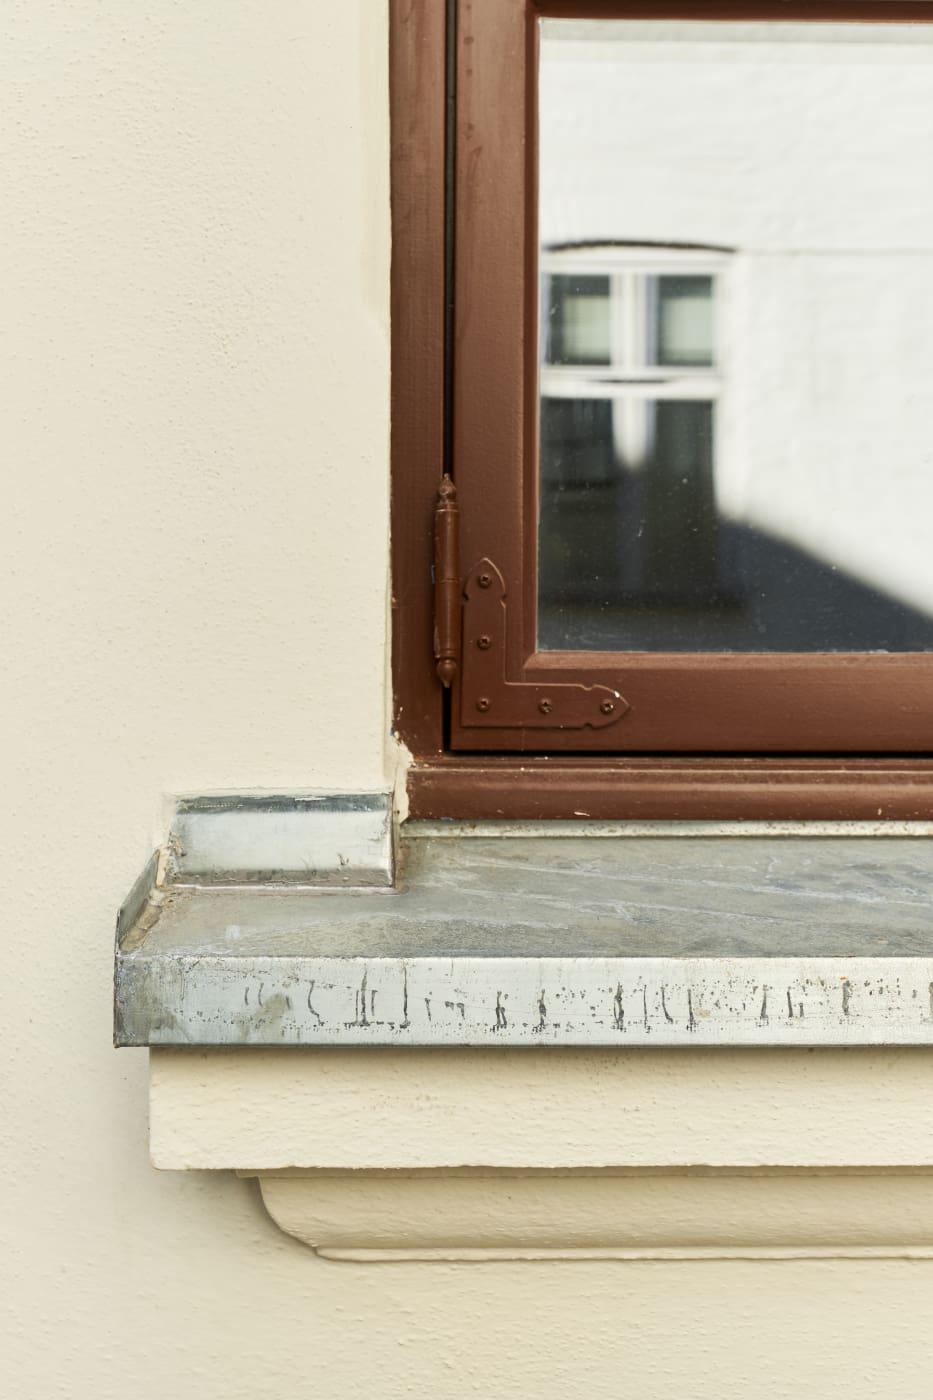 Vinduene på bygget er skiftet til vinduer som har samme uttrykk som vinduene som ble brukt for hundre år siden. Kalkpussen gjør at det er enkelt å forme detaljer rundt vinduet. (Foto: Eivind Røhne)